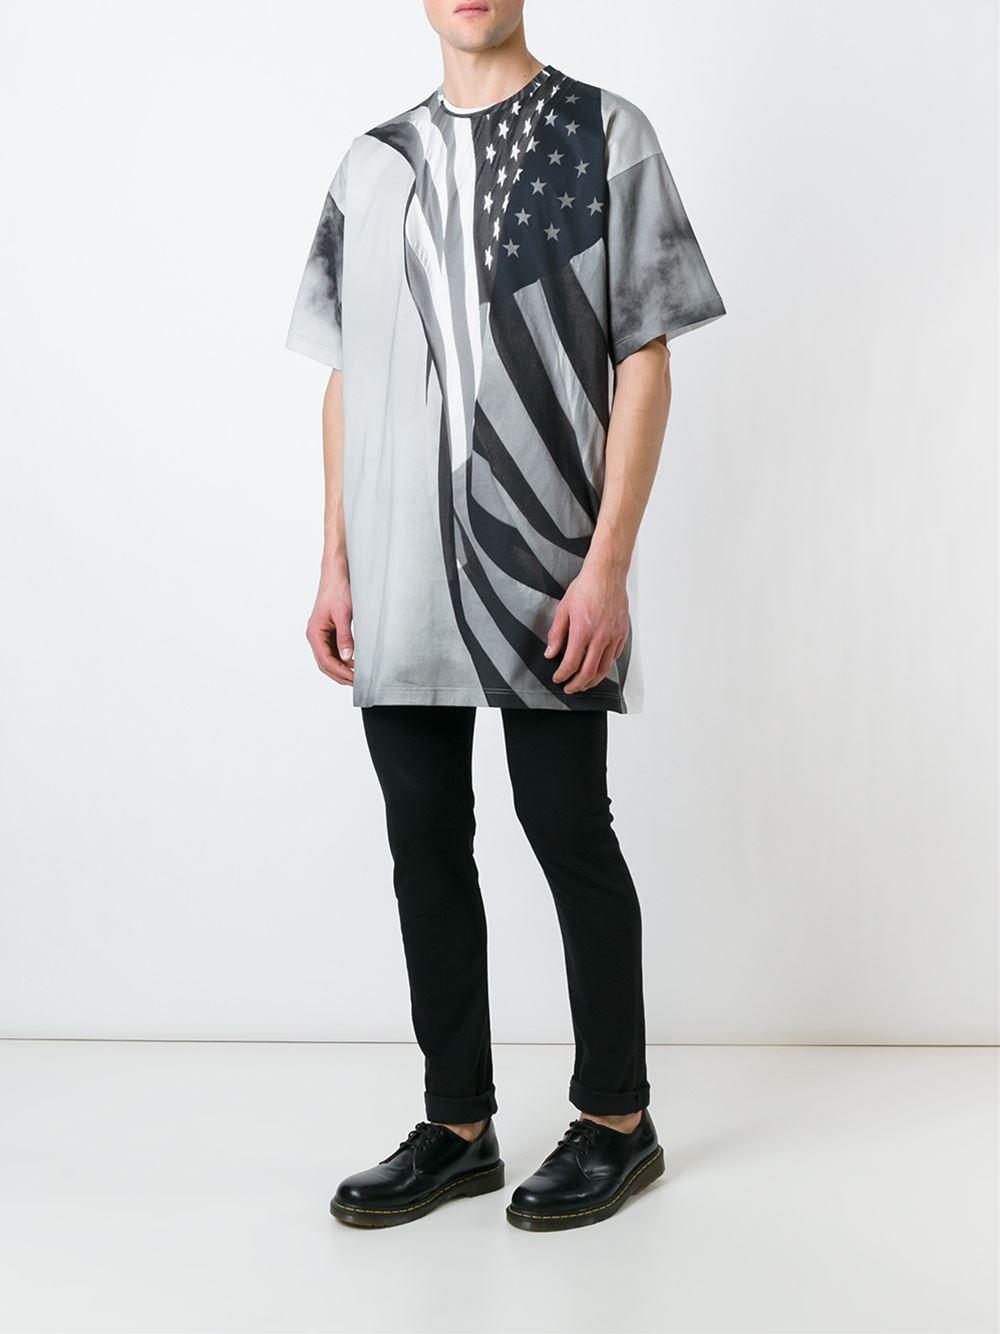 ハイブランド夏ファッションアイテム (9)